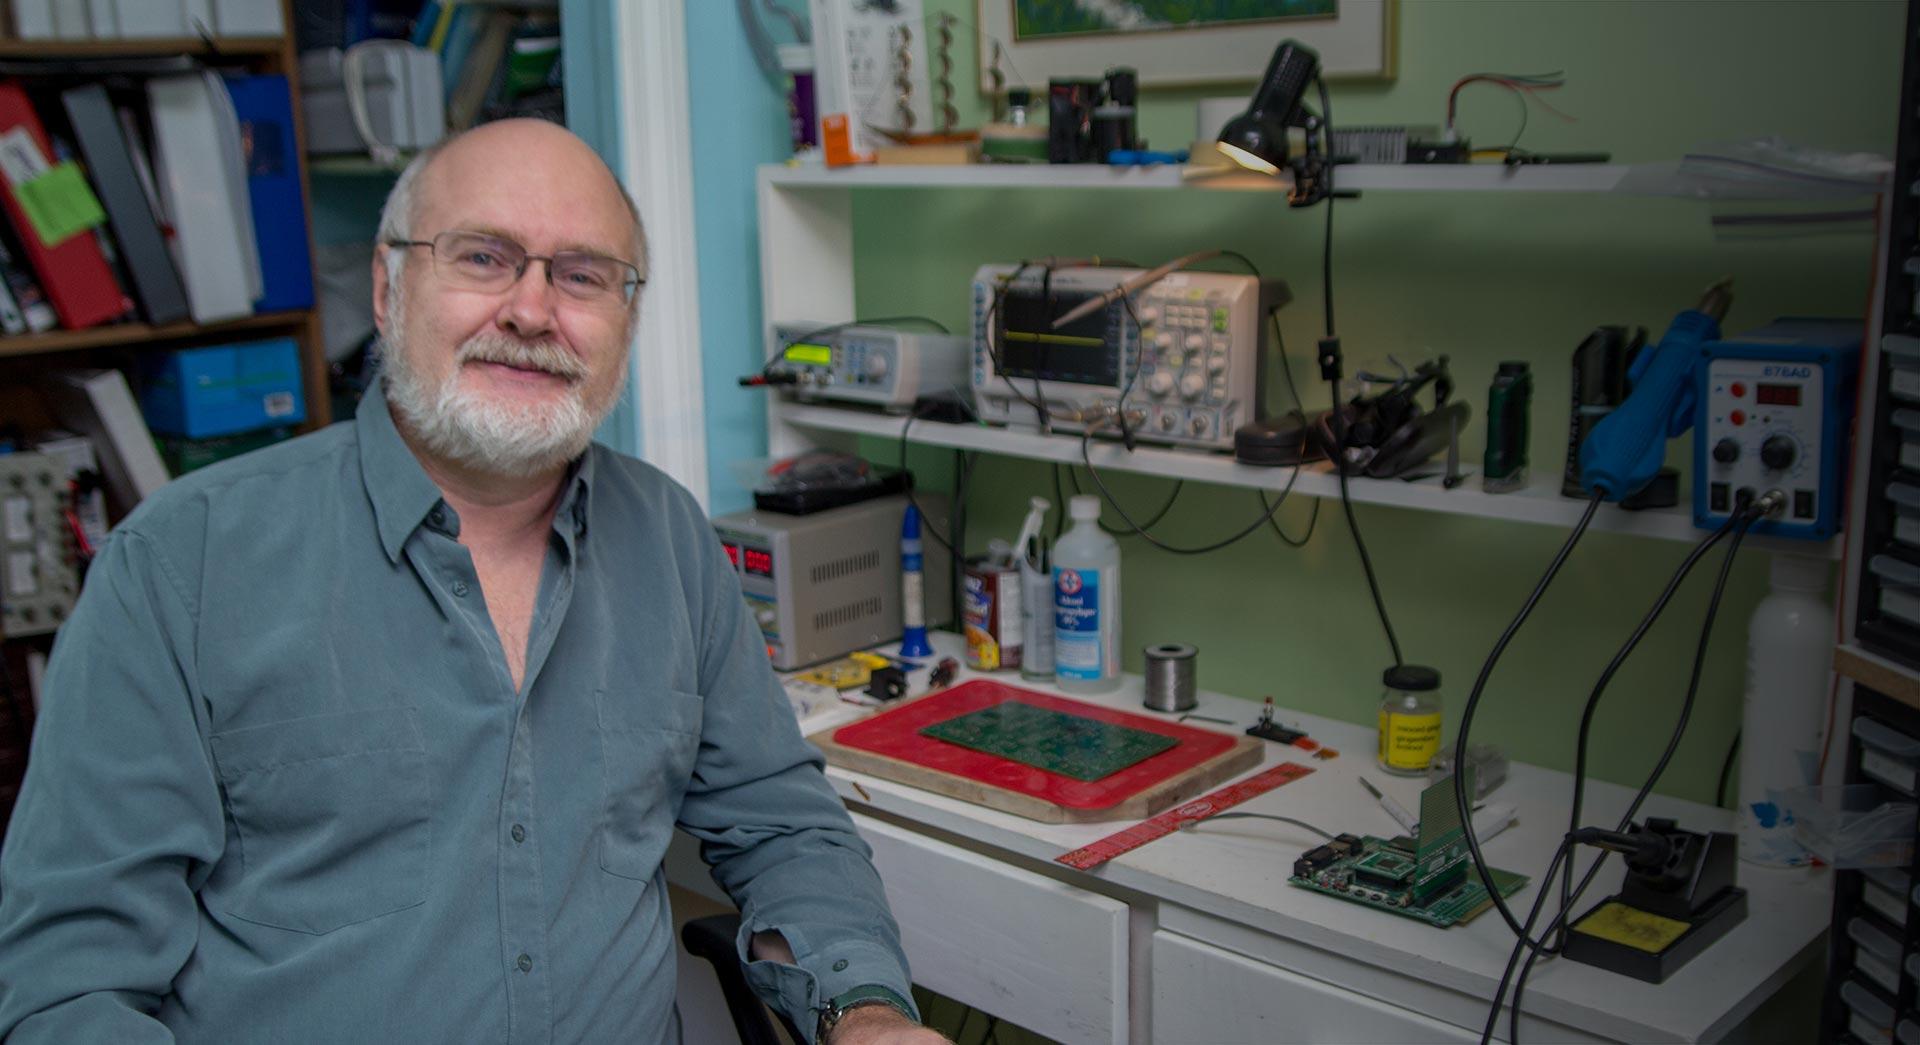 Allan Kranz from Kranz Information Systems